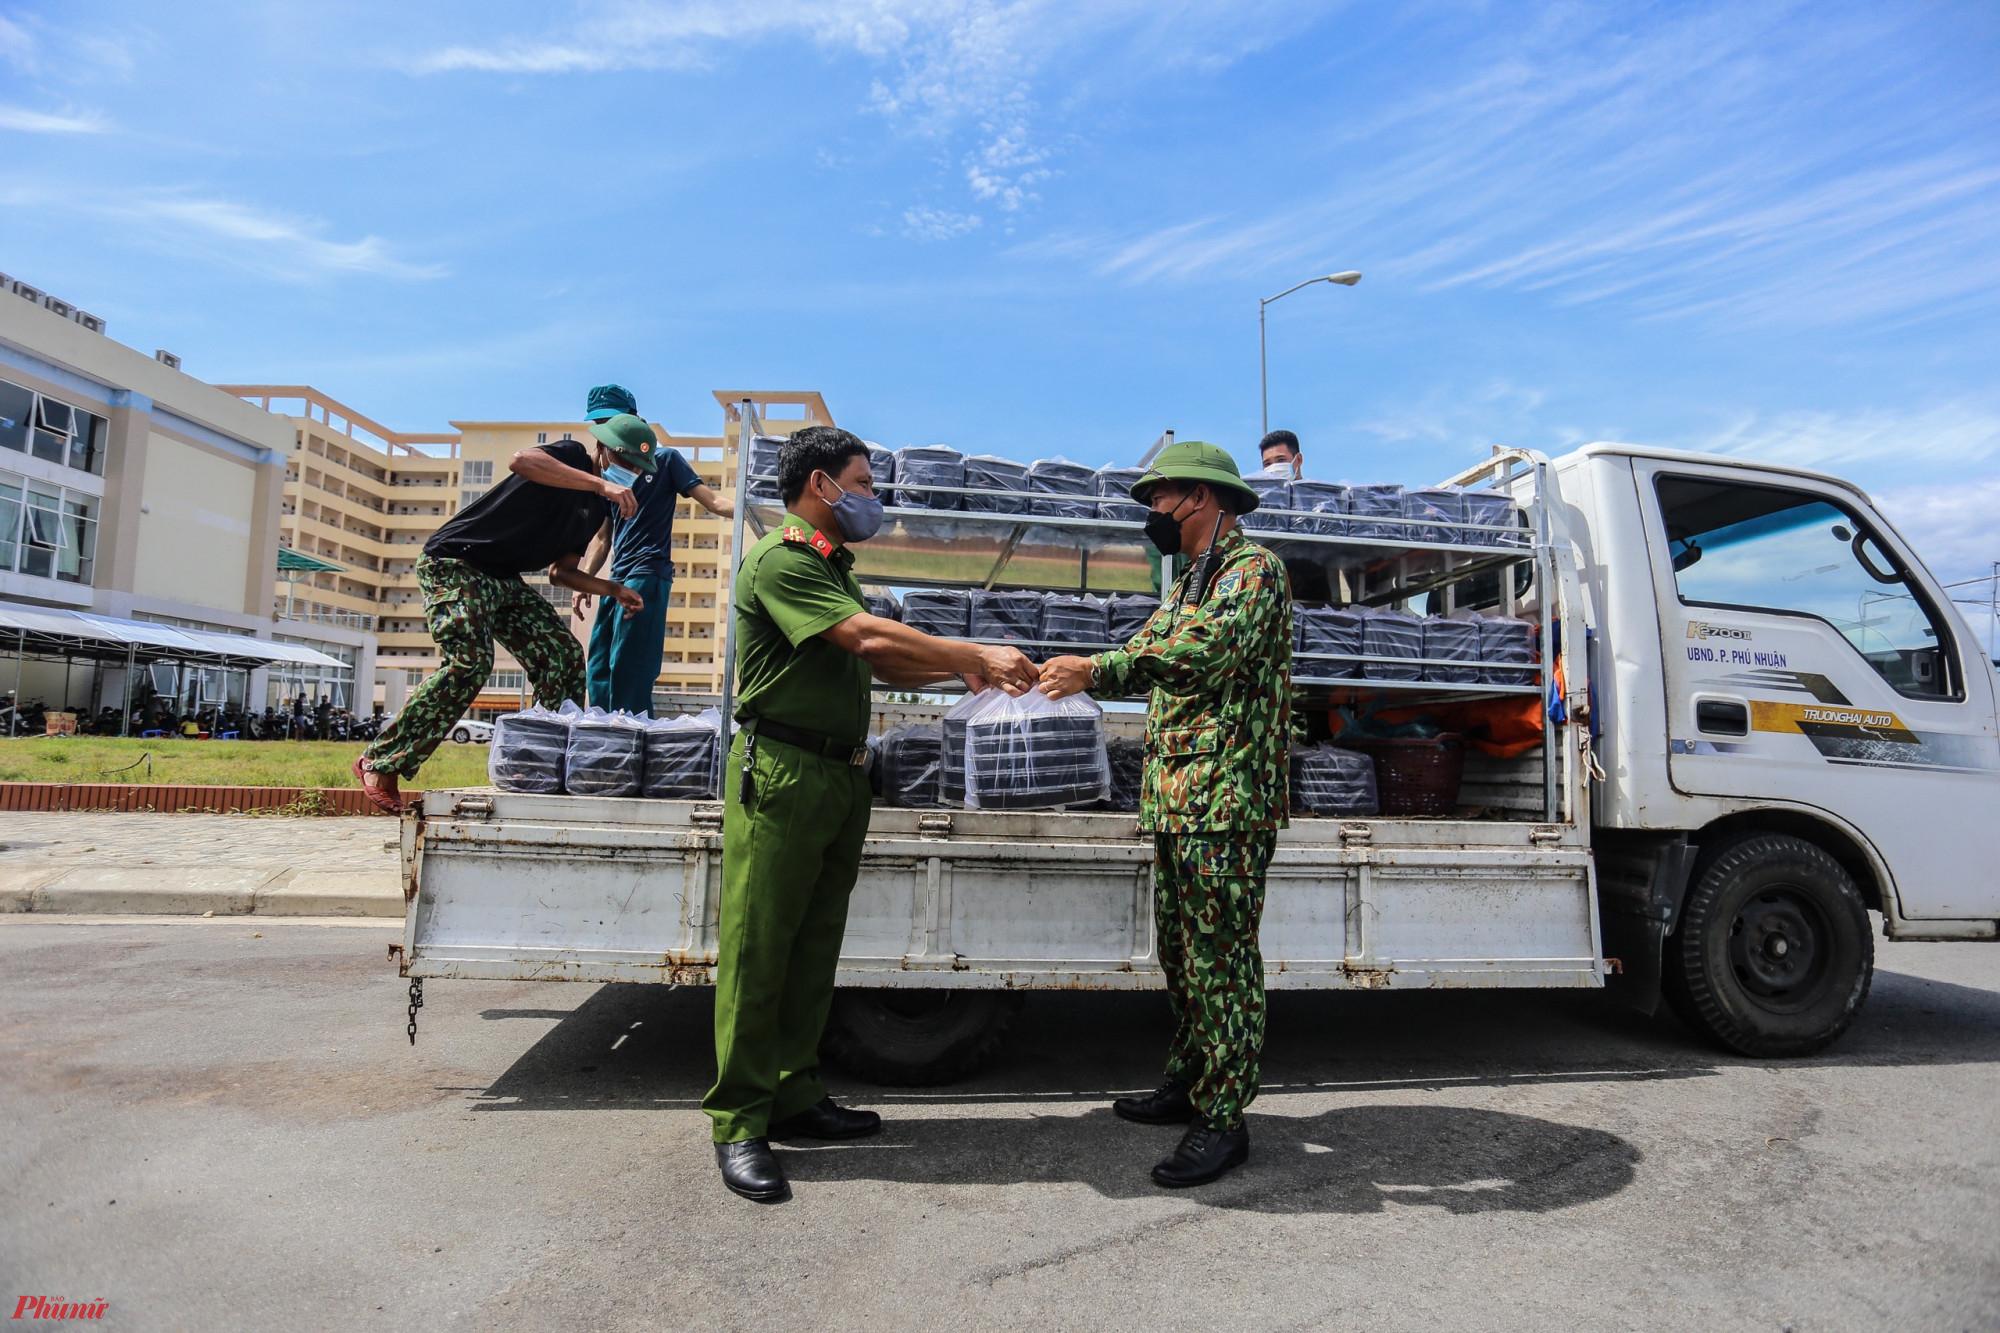 Tính đến nay tỉnh Thừa Thiên - Huế hiện còn 13.127 công dân trở về từ vùng dịch ở các tỉnh phía Nam hiện đang thực hiện tại Khung cách ly tập trung của tỉnh Thừa Thiên - Huế. Tất cả bà con đã được các cơ quan đoàn thể và chính quyền địa phươn hỗ trợ suất ăn miễn phí trong quá trình thực hiện cách ly tại địa phương